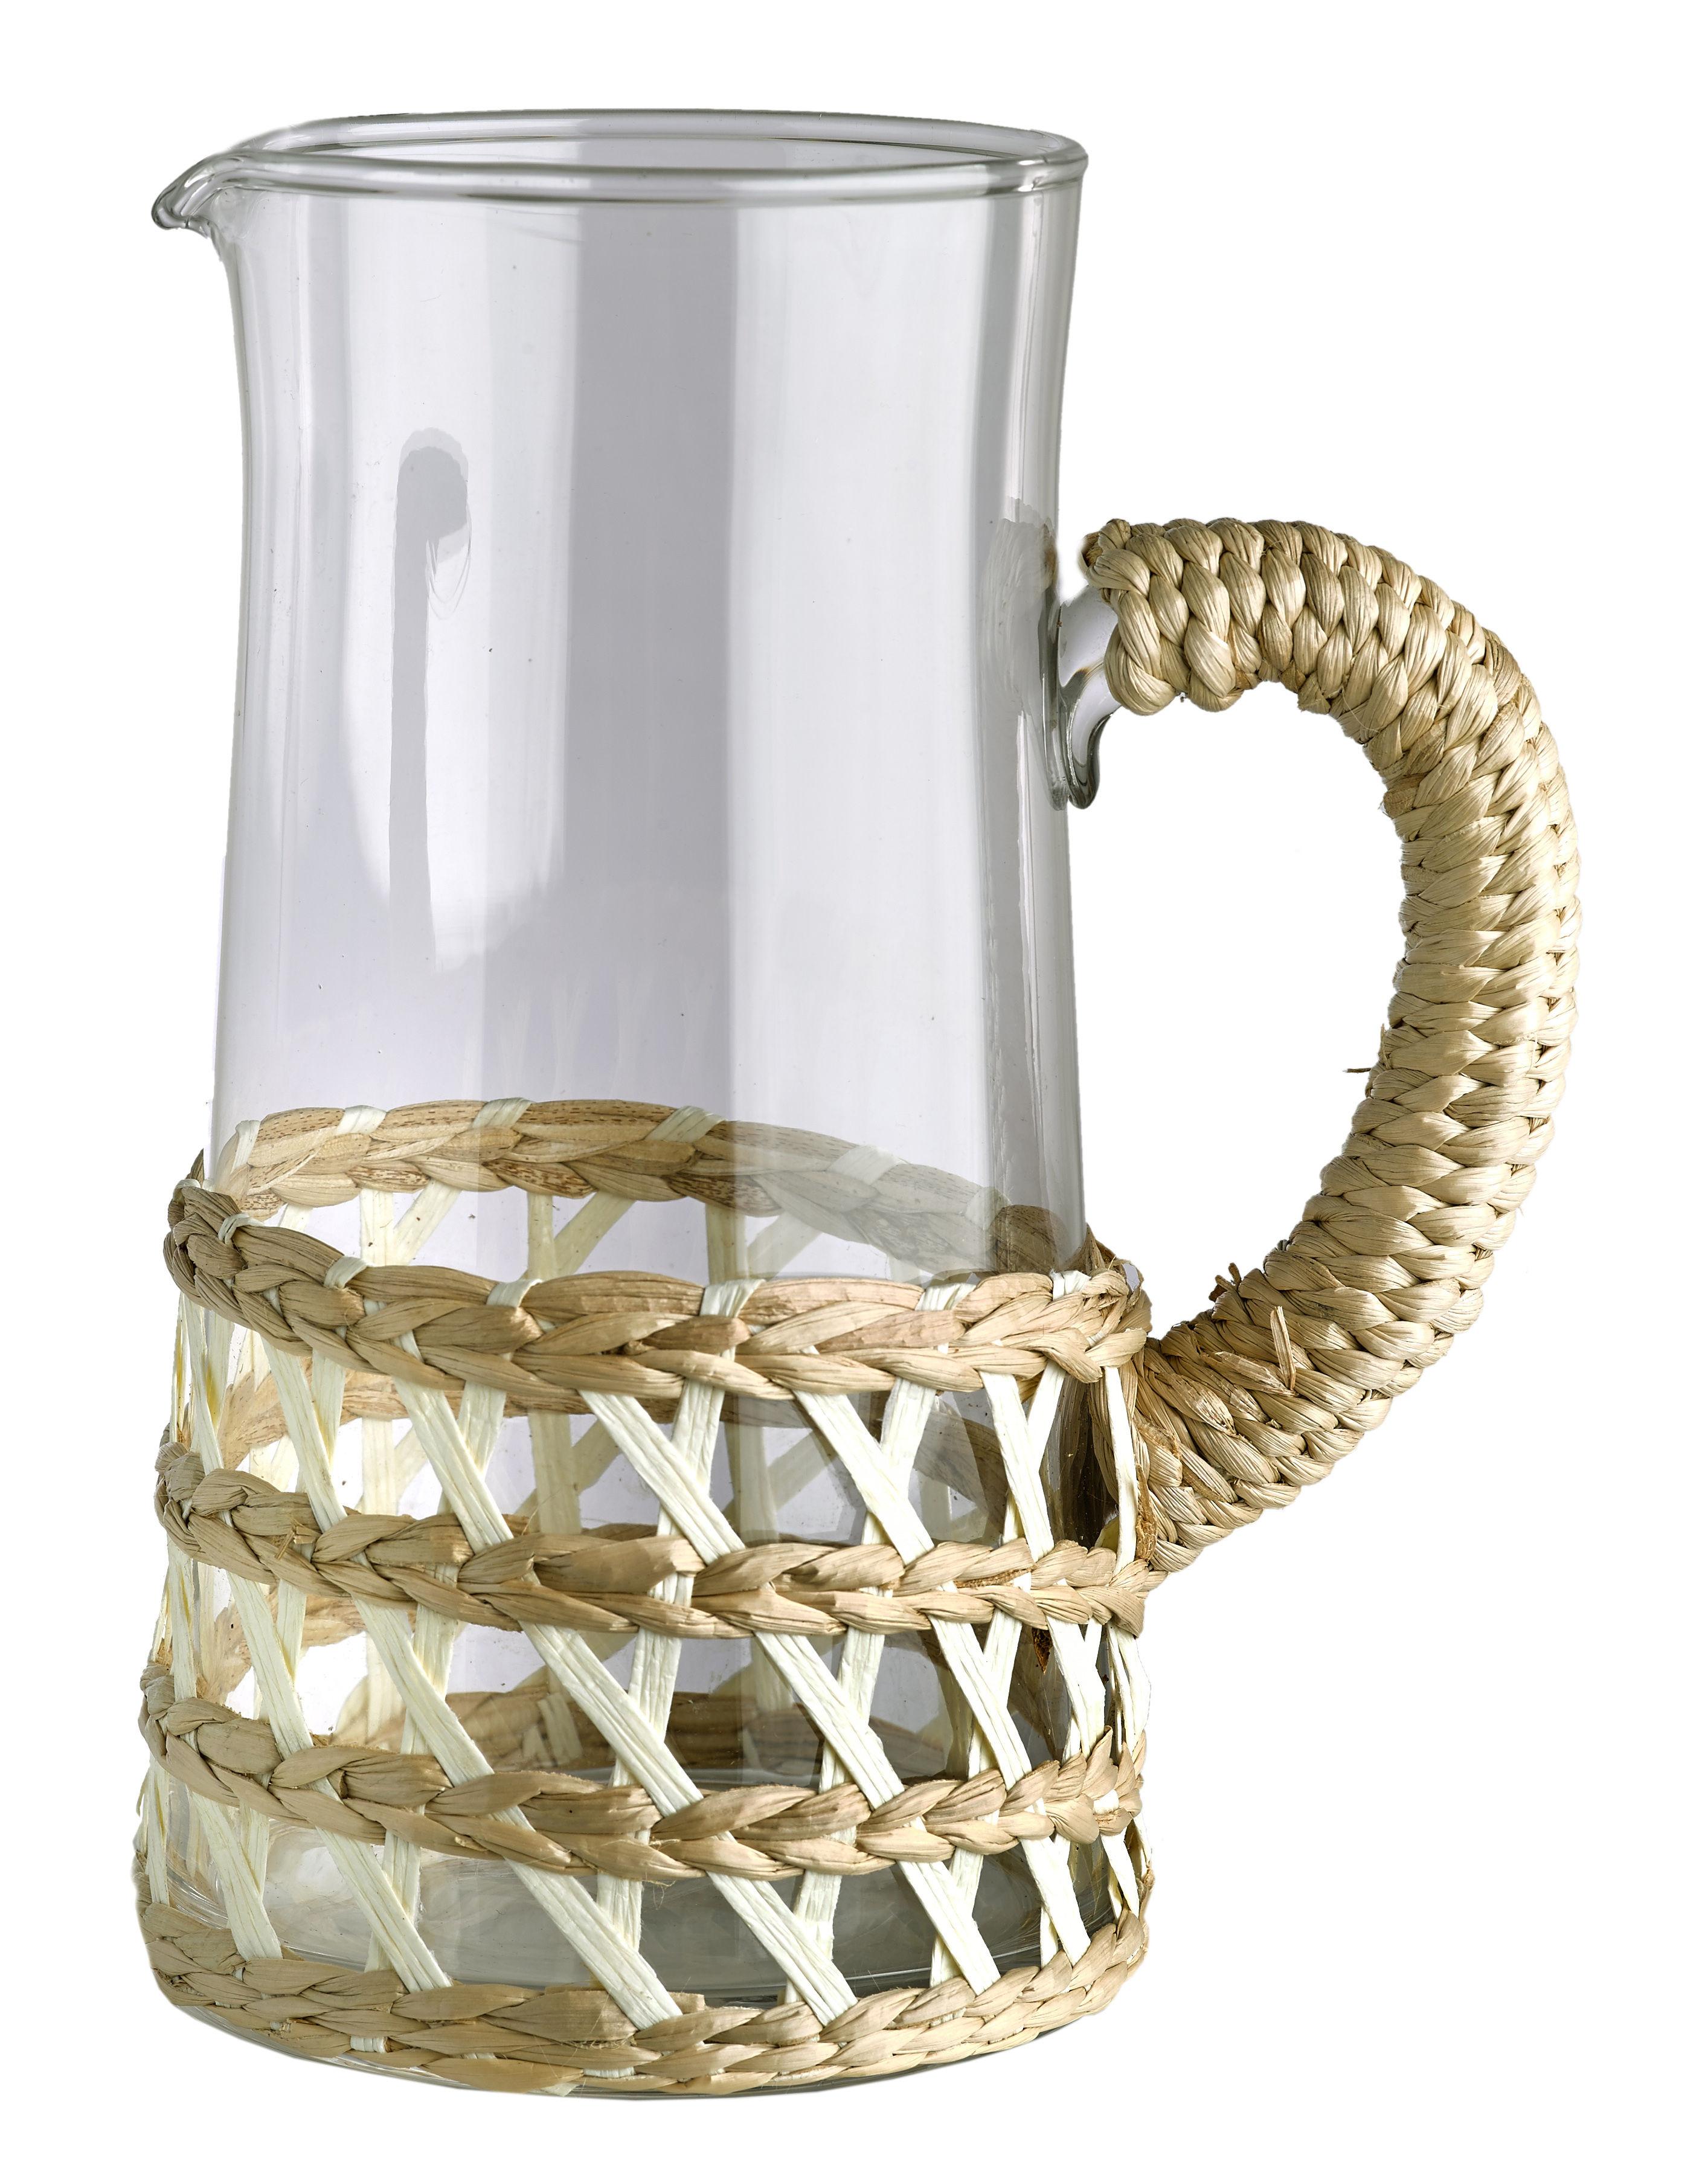 Tischkultur - Karaffen - Reed Karaffe / Glas & Schilfgeflecht - Pols Potten - Schilfgeflecht, natur & weiß - transparentes Glas - Glas, Osier